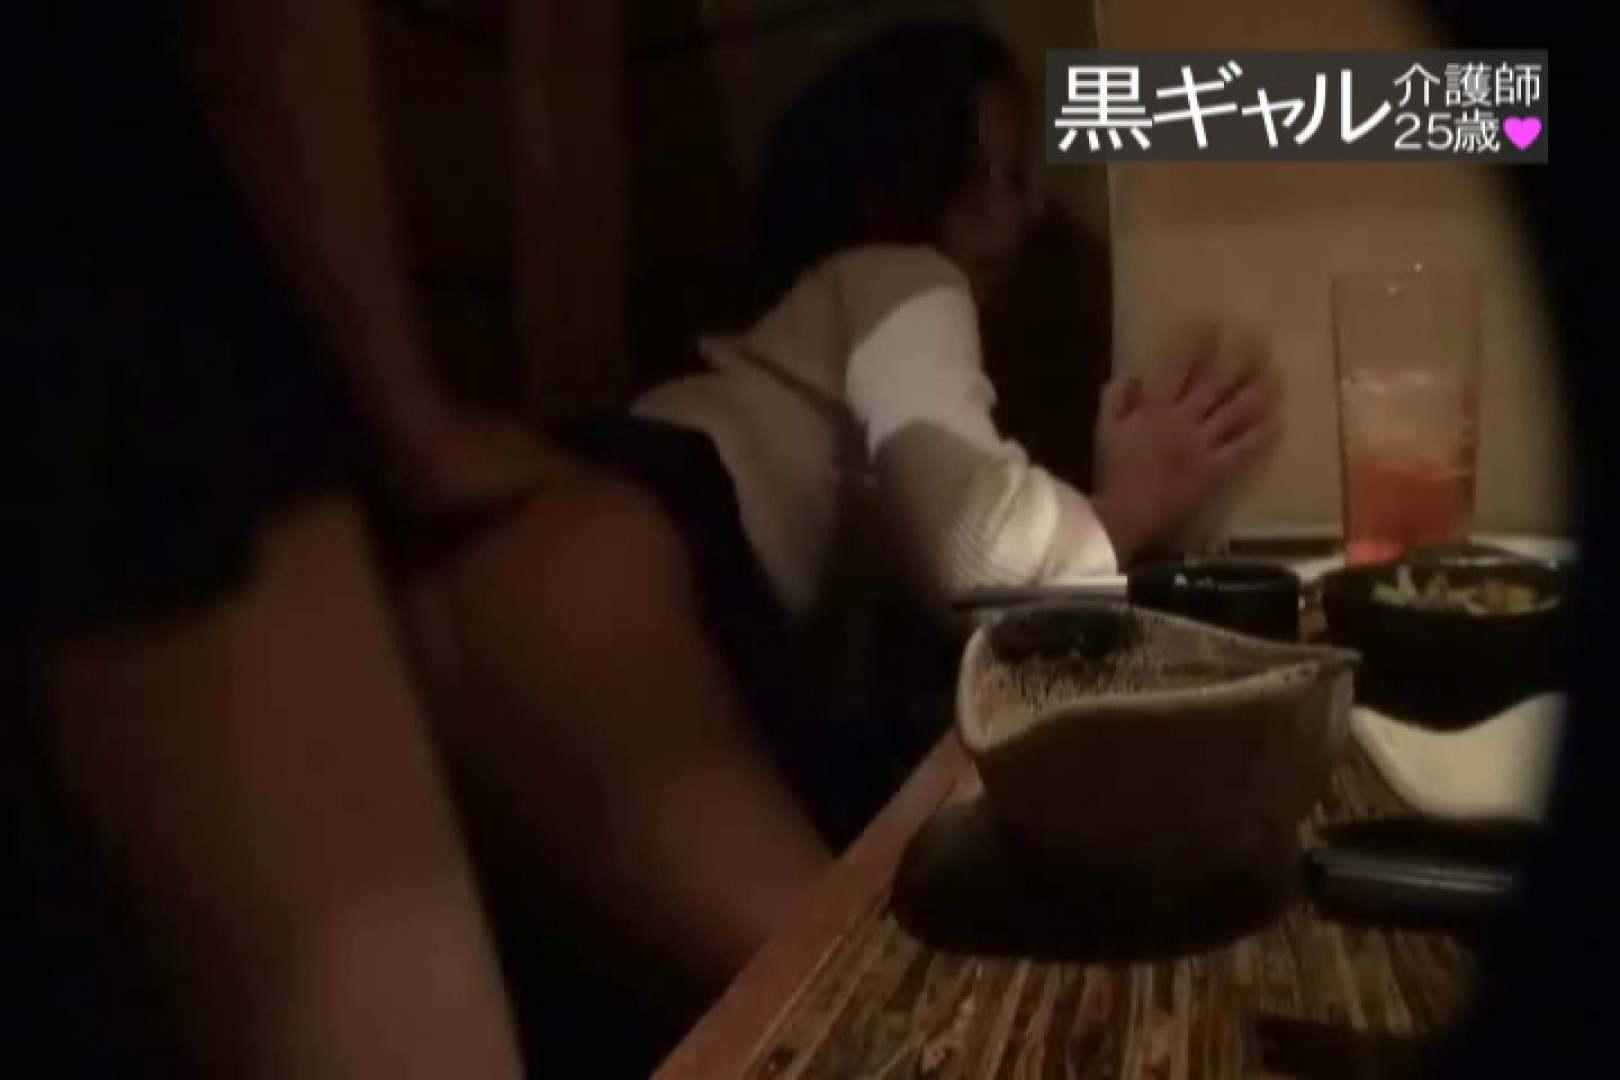 独占入手 従順M黒ギャル介護師25歳vol.3 車 濡れ場動画紹介 89pic 87